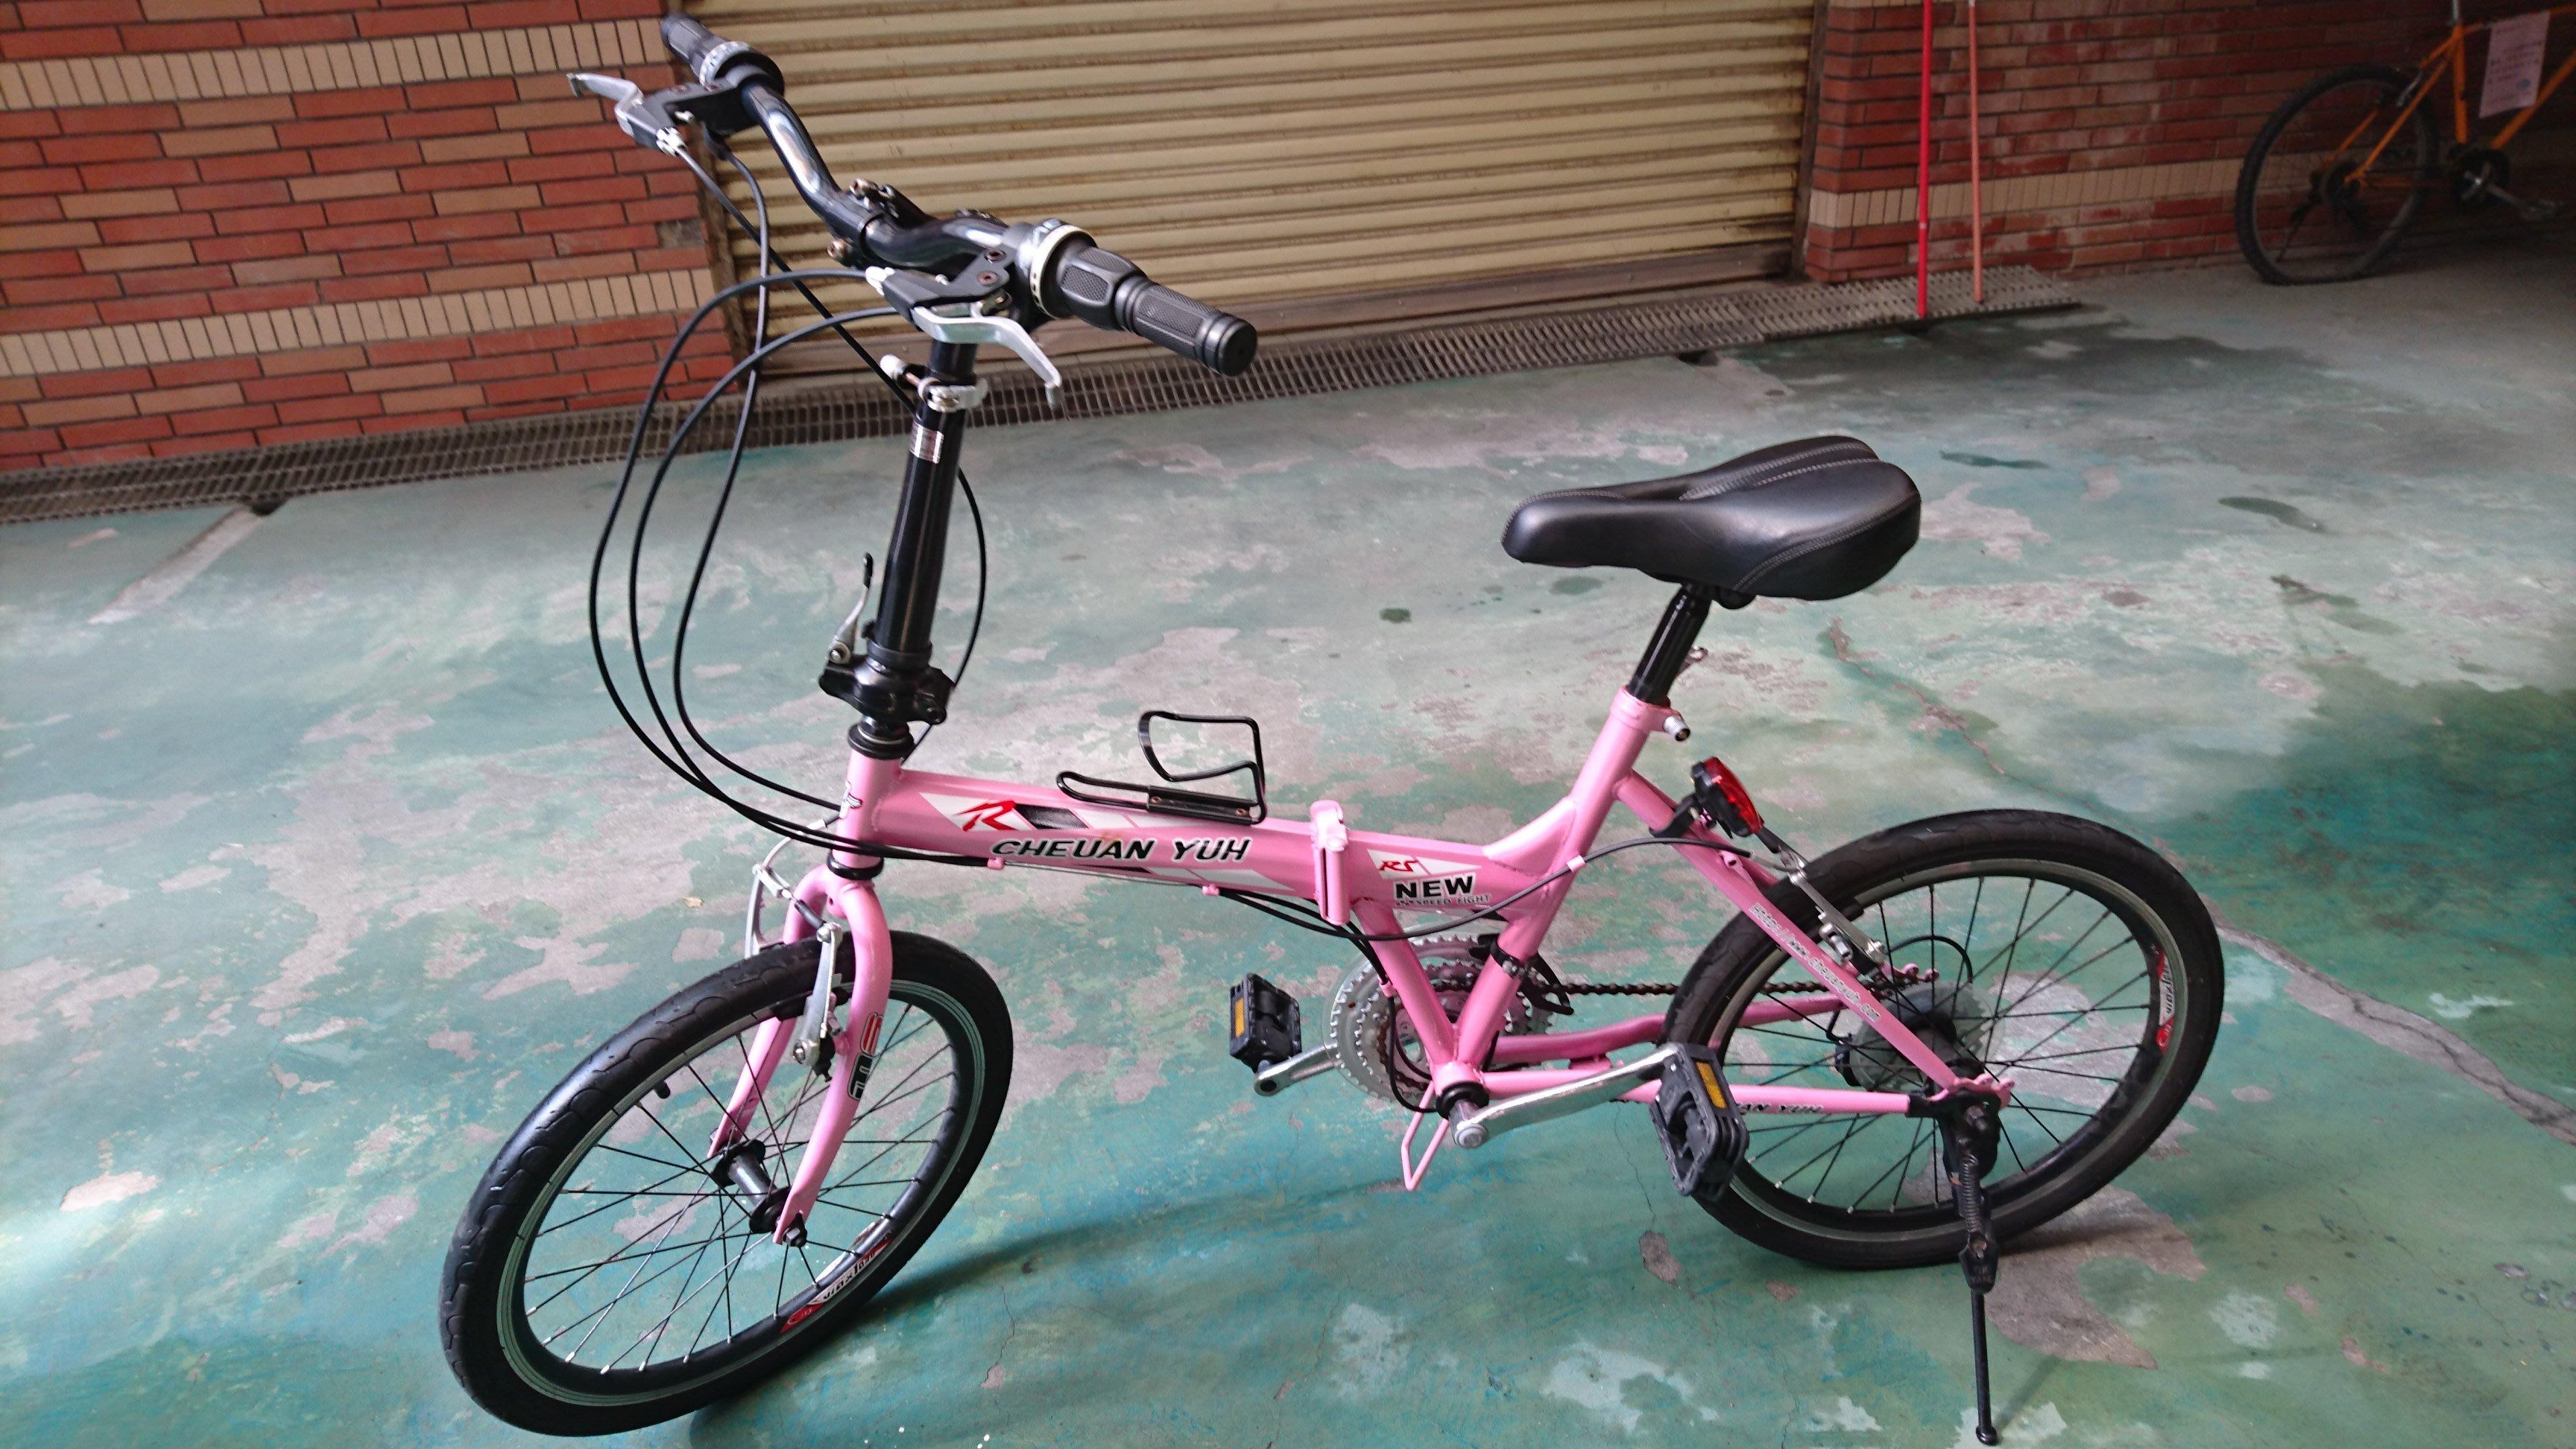 。♪ 寶寶館 ♬ 。20吋粉紅色折疊腳踏車 SUNRUN24速小摺疊車